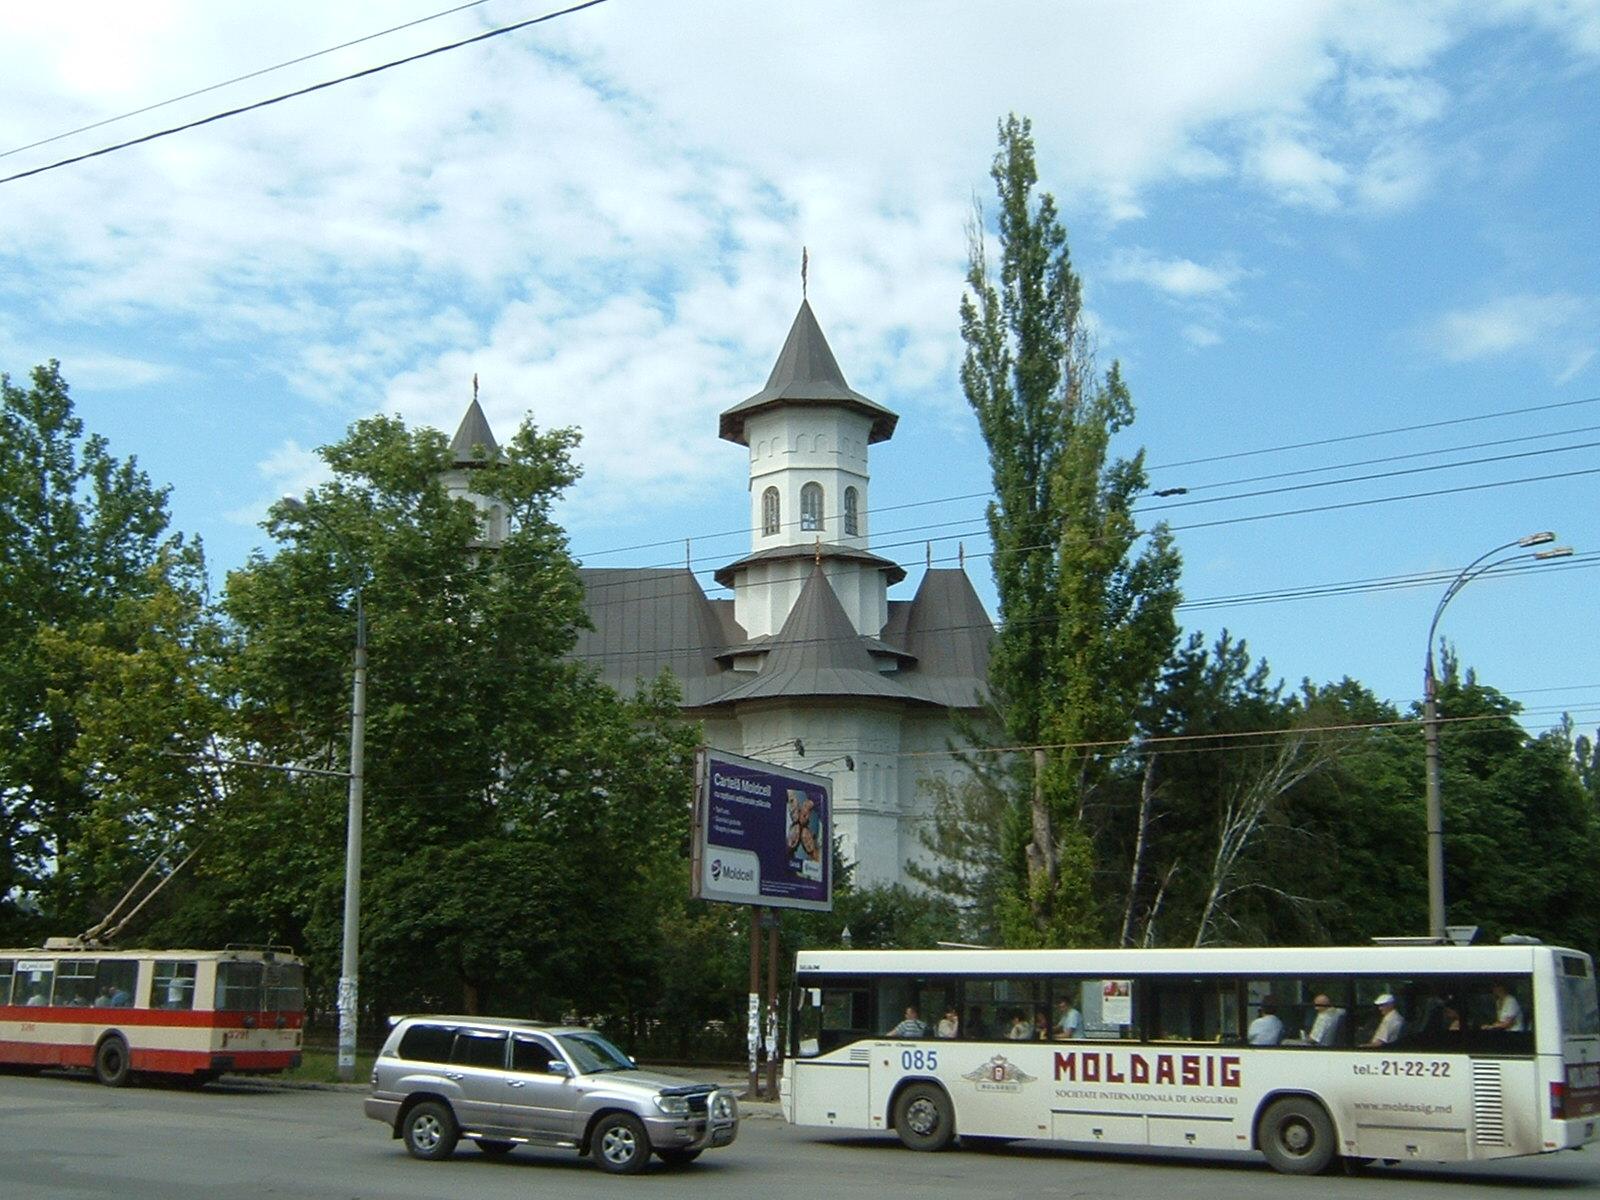 Eine orthodoxe Kirche, dich gerade gebaut wird.